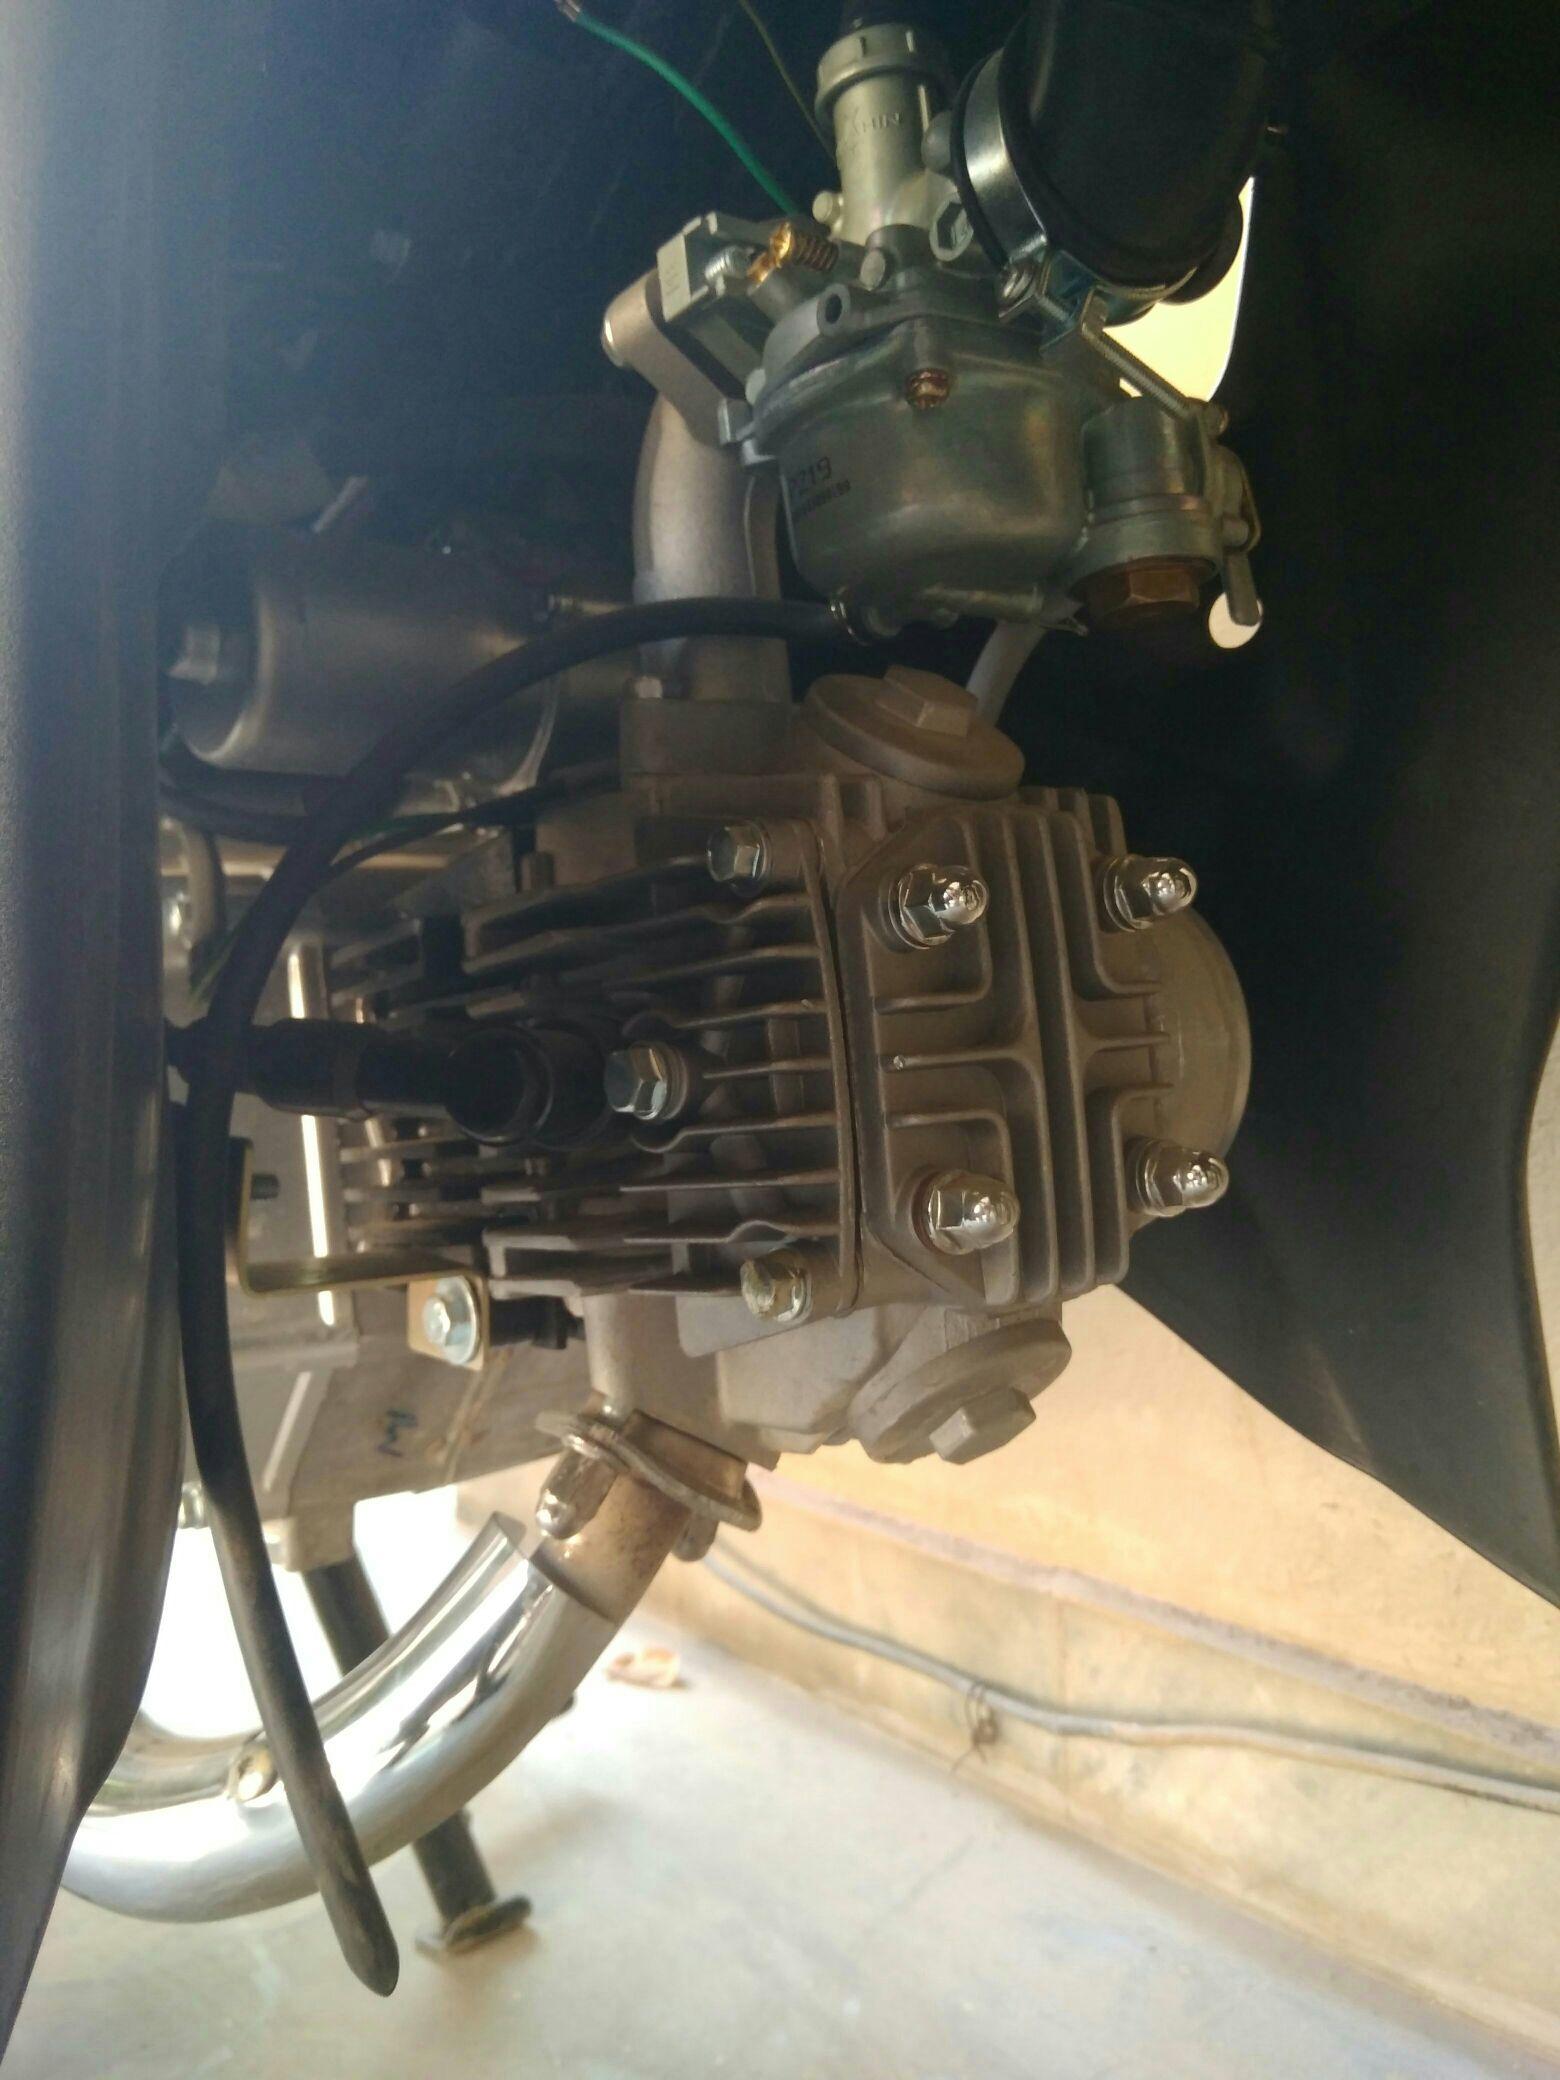 Super power scooty - 30e743e3d2ae3da4b88413856bd56d61